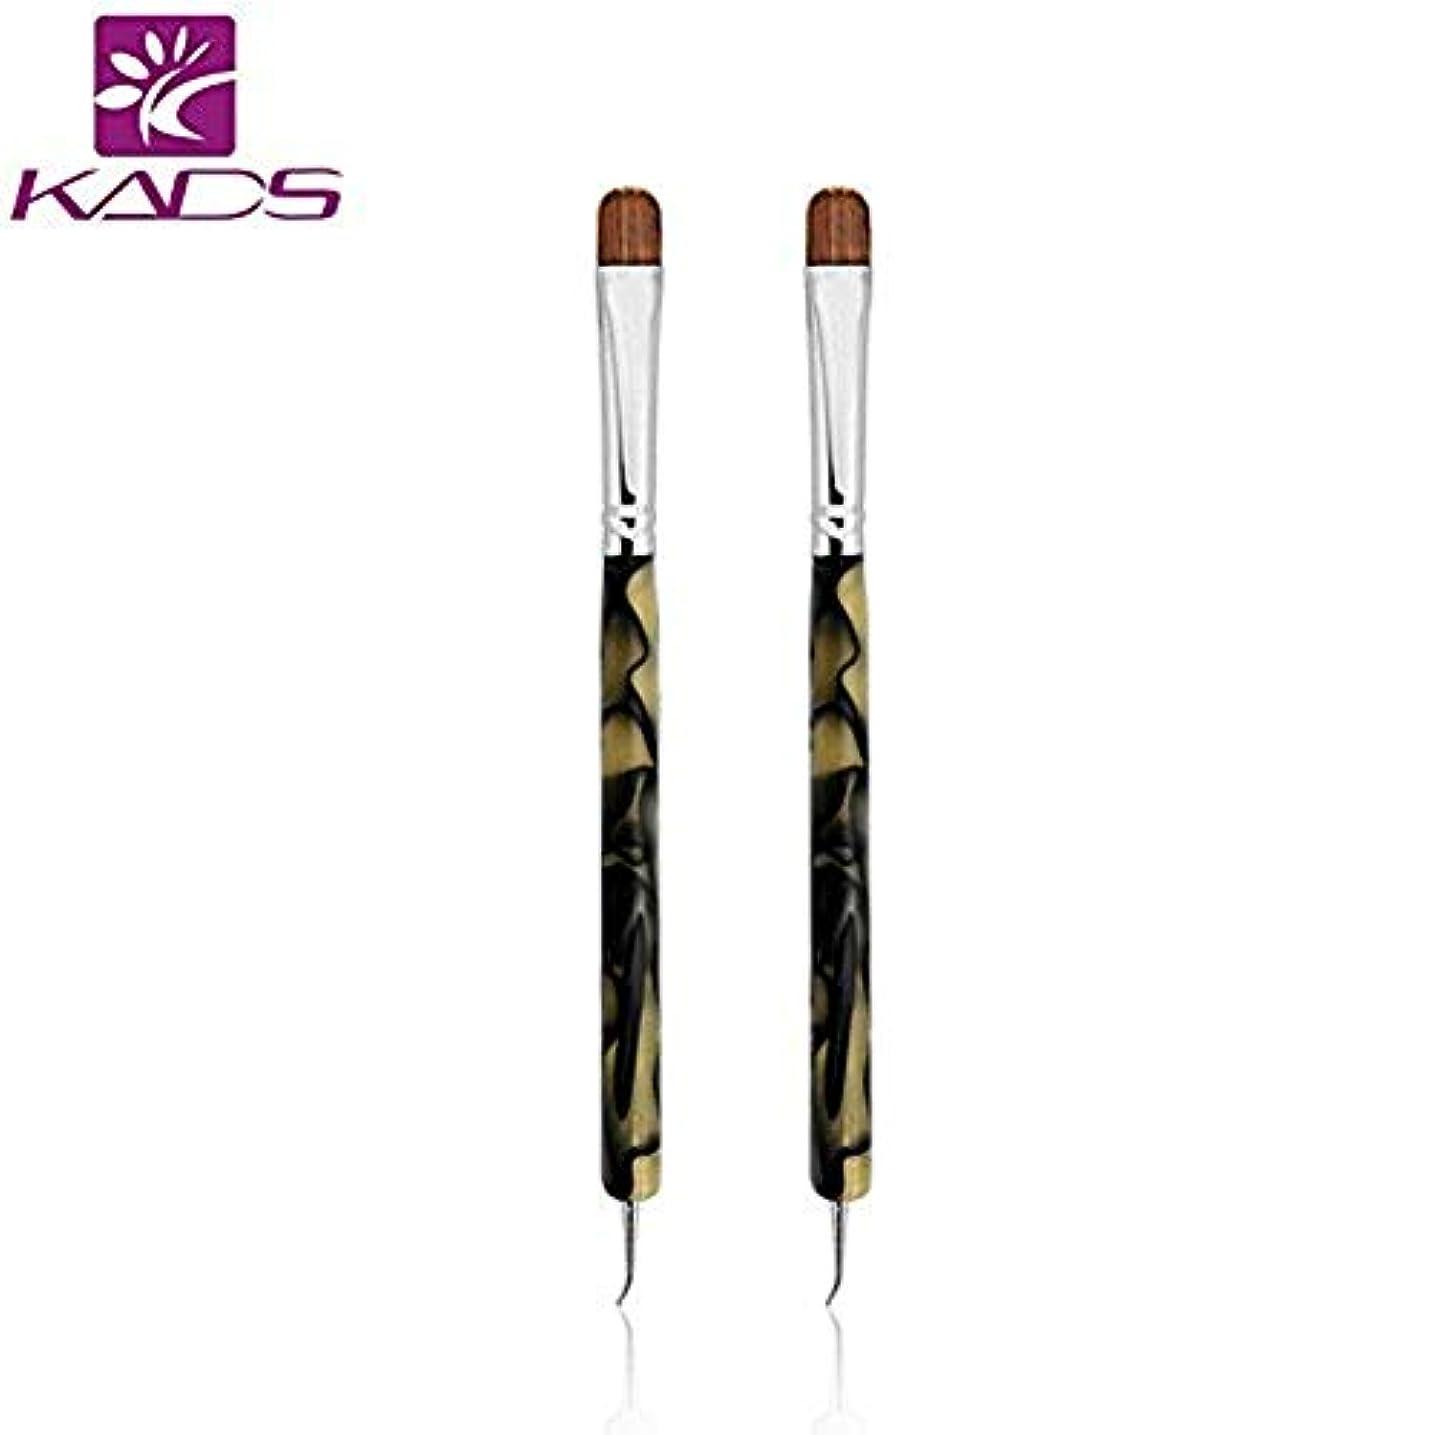 除外する船外うねるKADS アクリル用ブラシ/ドットペン付き 2way用 2本入り コリンスキー製ブラシ/ペン ネイルアート用道具(2個/セット)